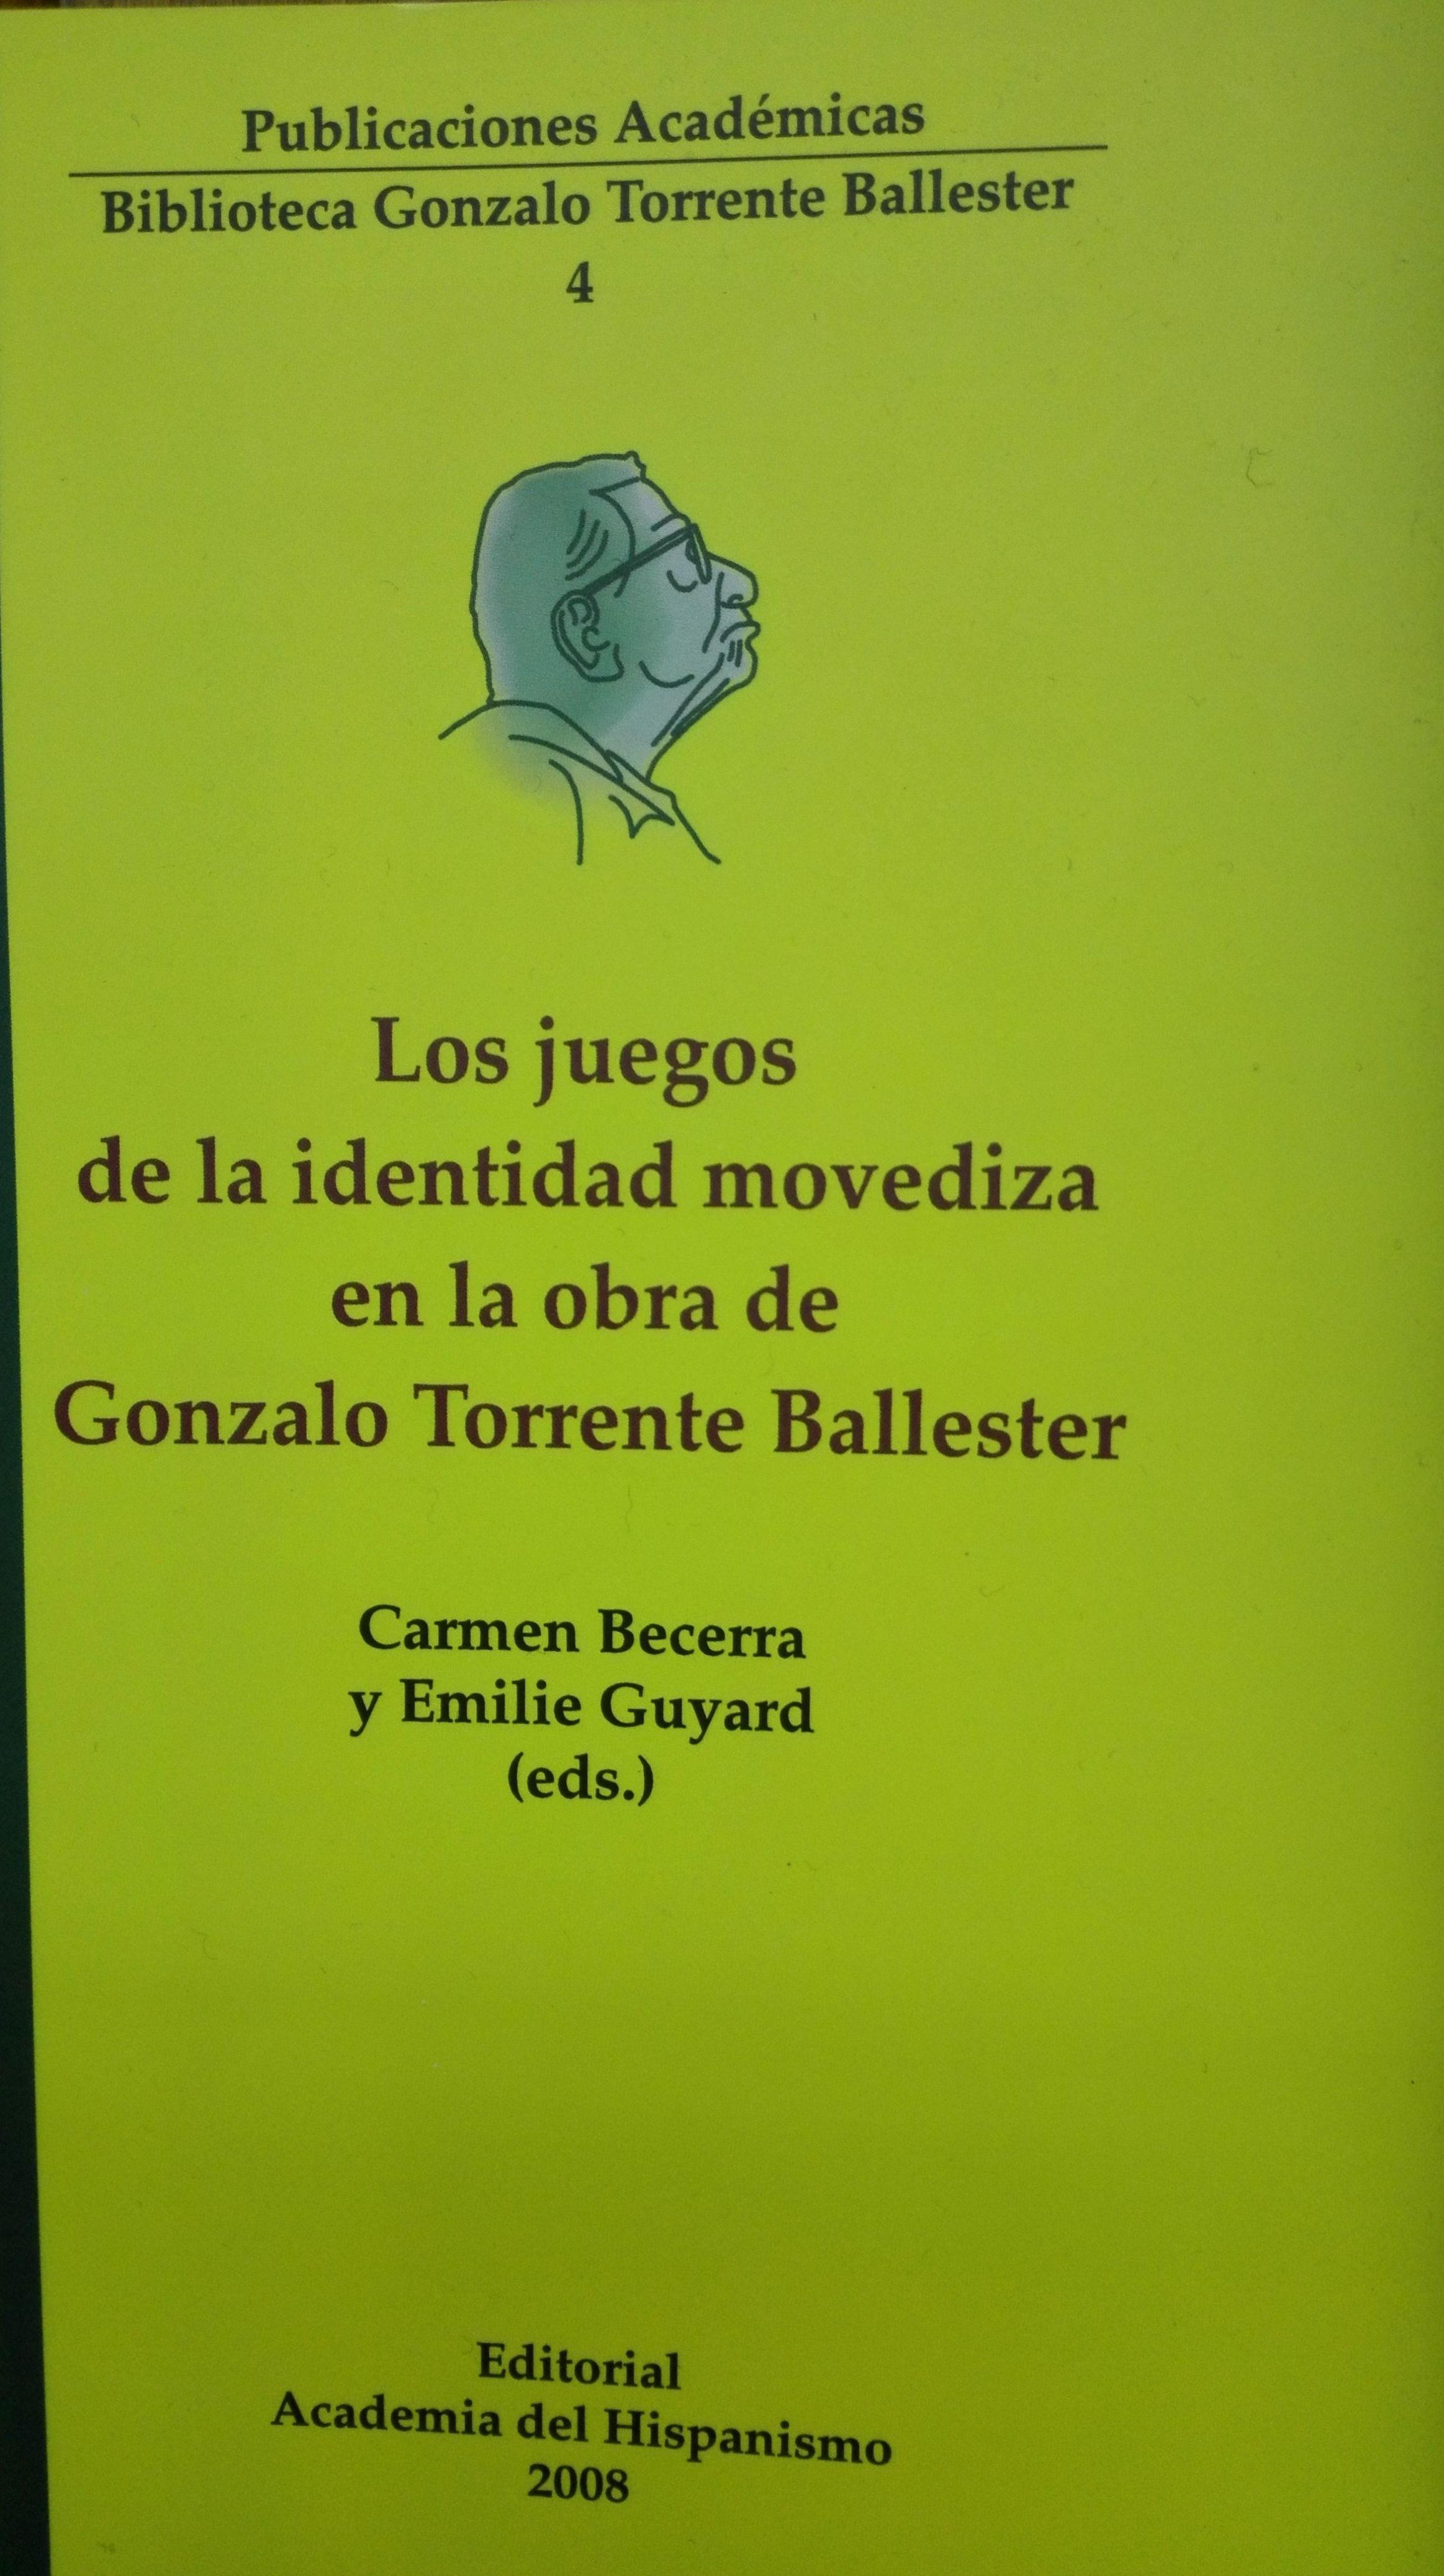 Los juegos de la identidad movediza en la obra de Gonzalo Torrente Ballester